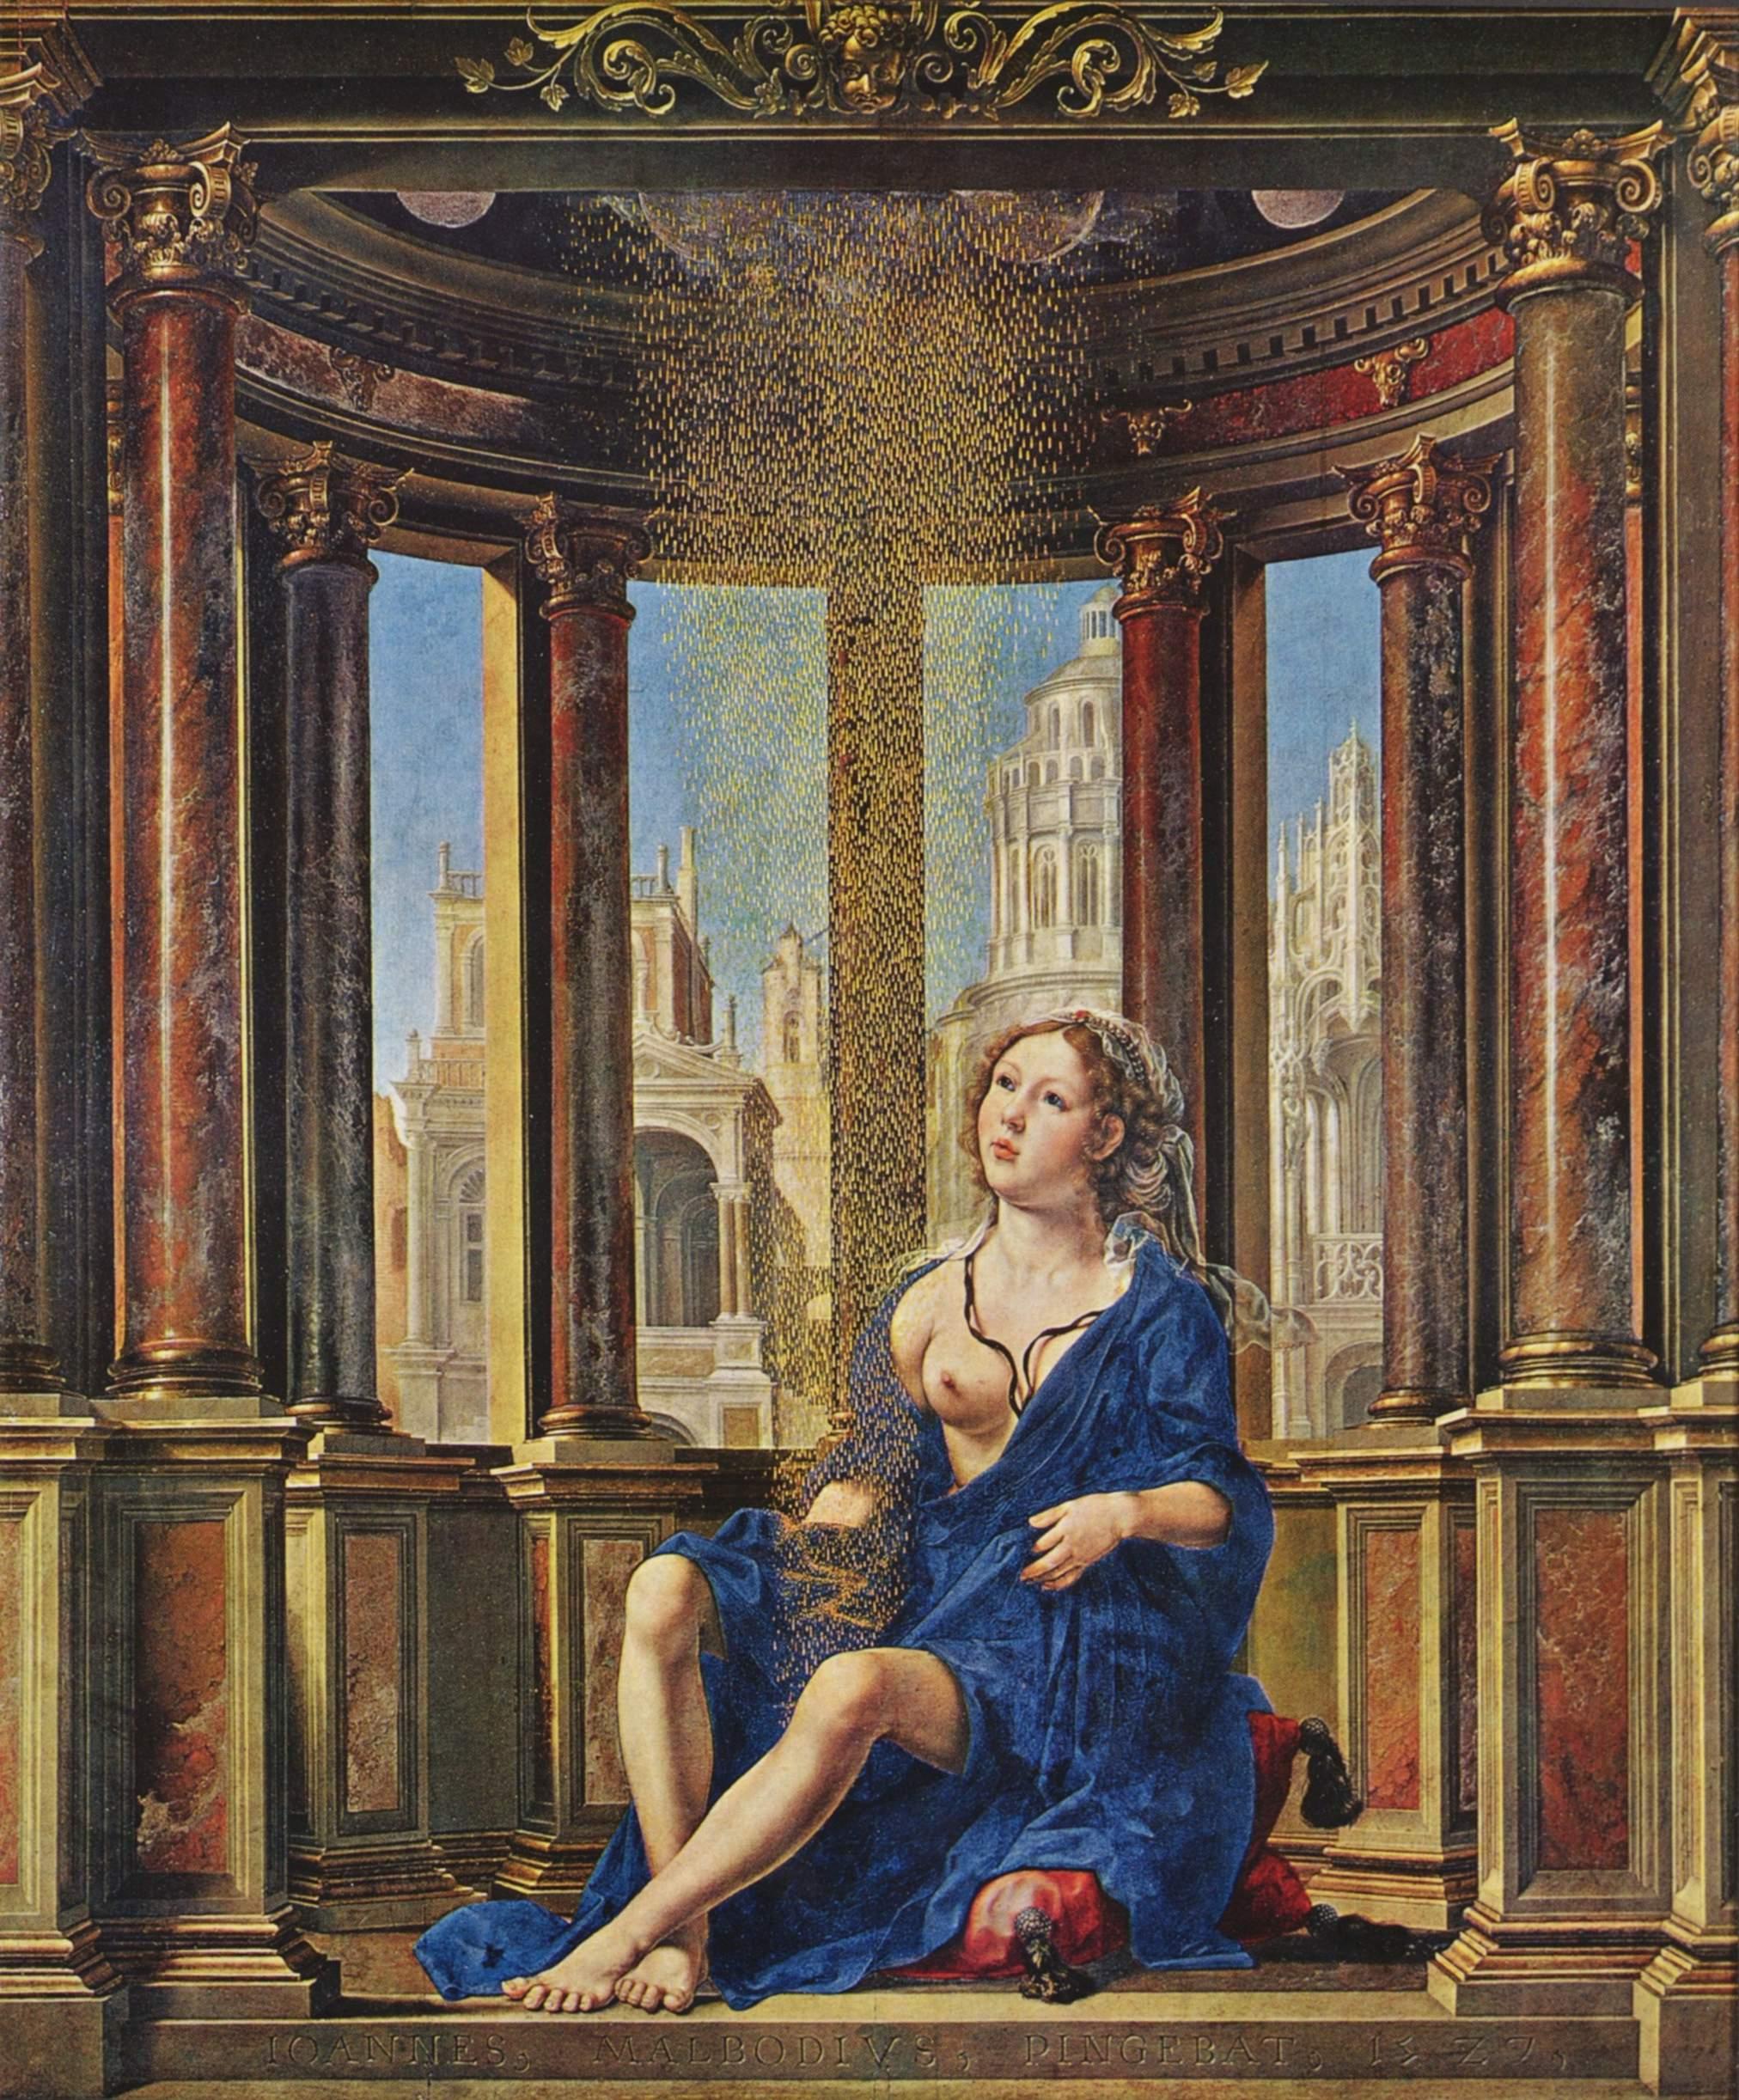 Jan Mabuse 1527: Danaë